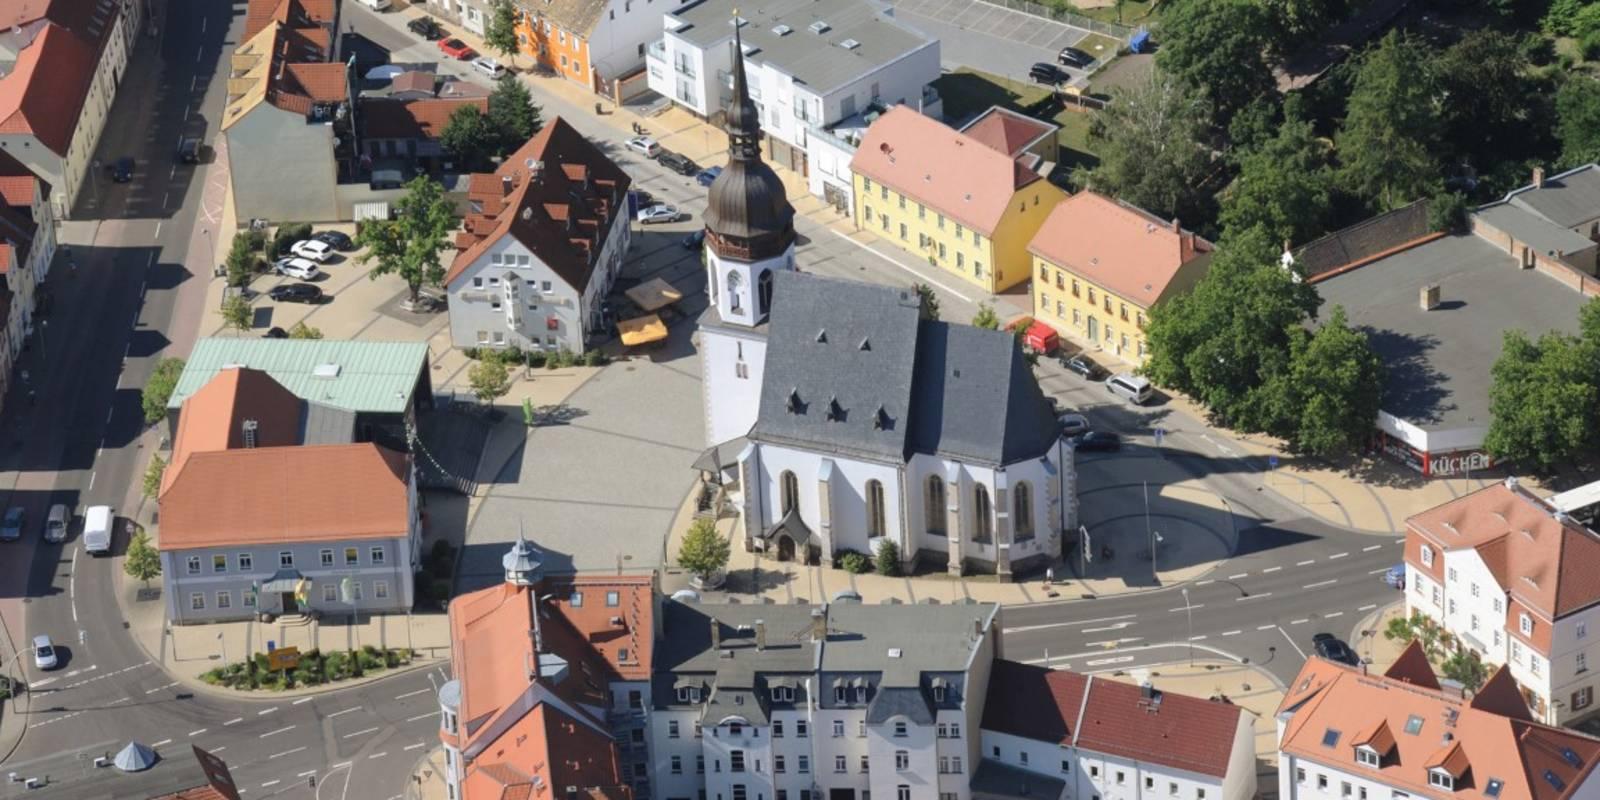 Blick auf das Zentrum von Markranstädt mit der Kirche St. Laurentius und dem Bürgerrathaus